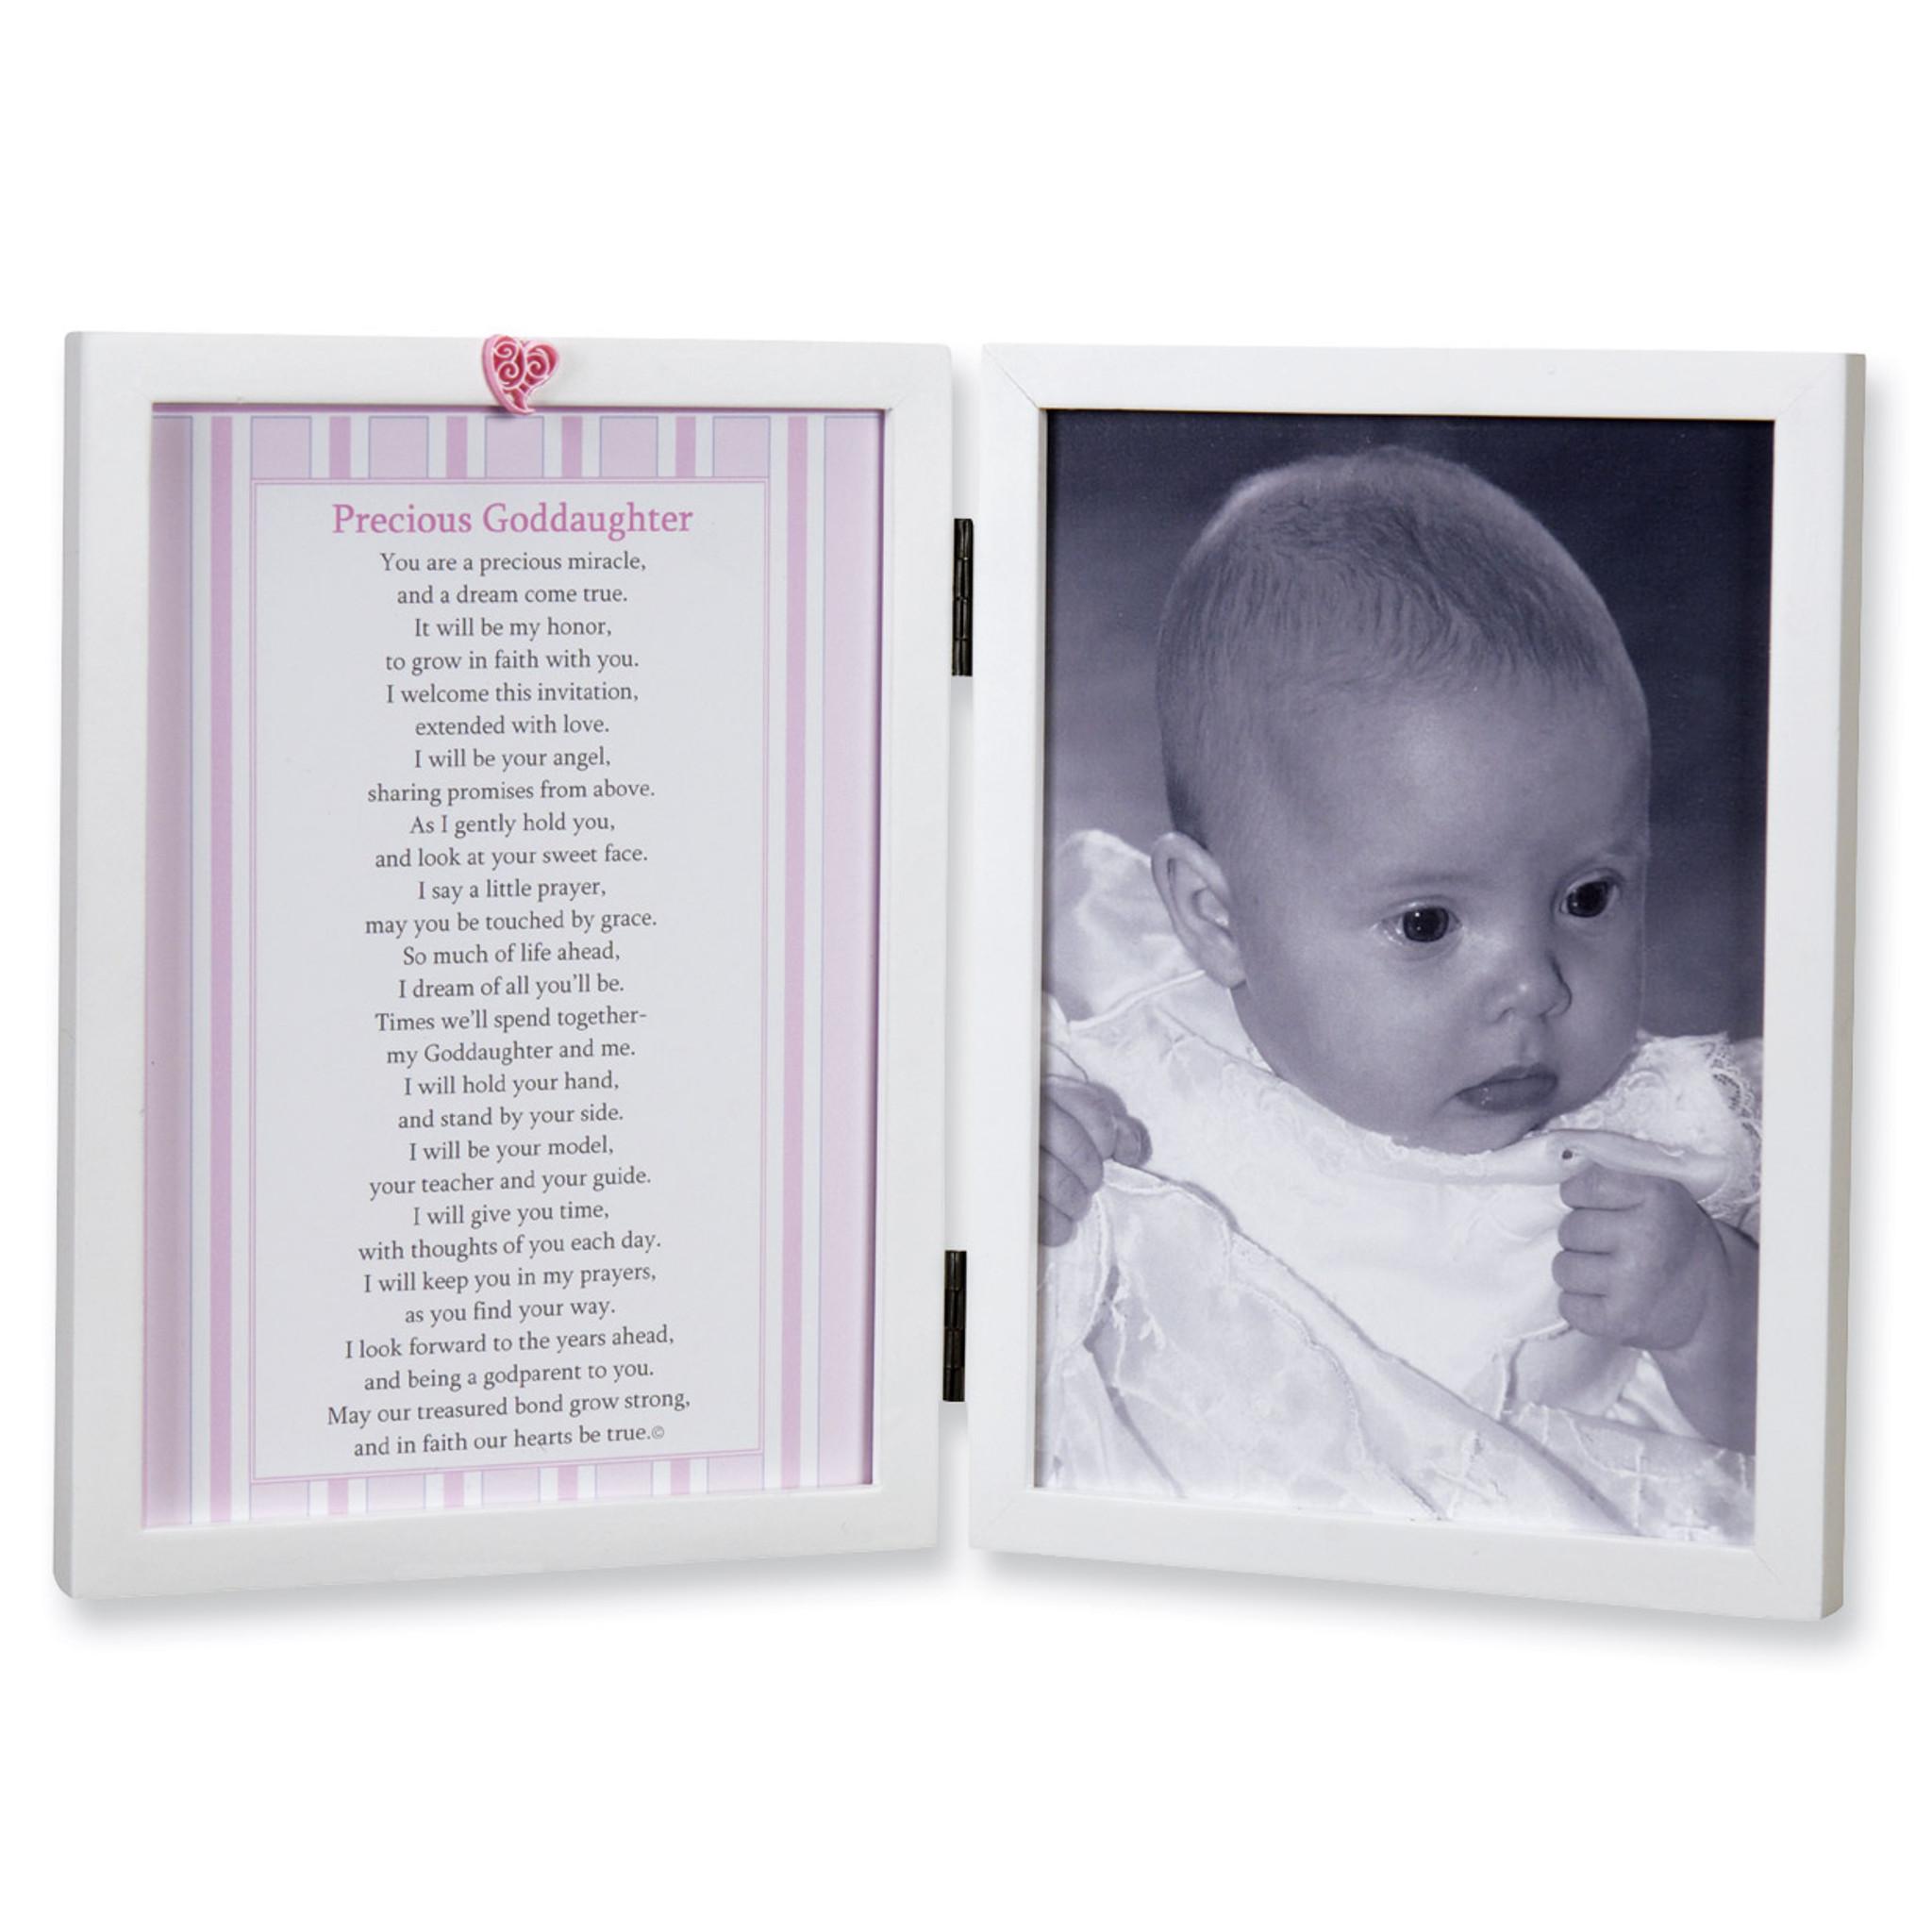 Precious Goddaughter 5 x 7 Inch Picture Frame - HomeBello